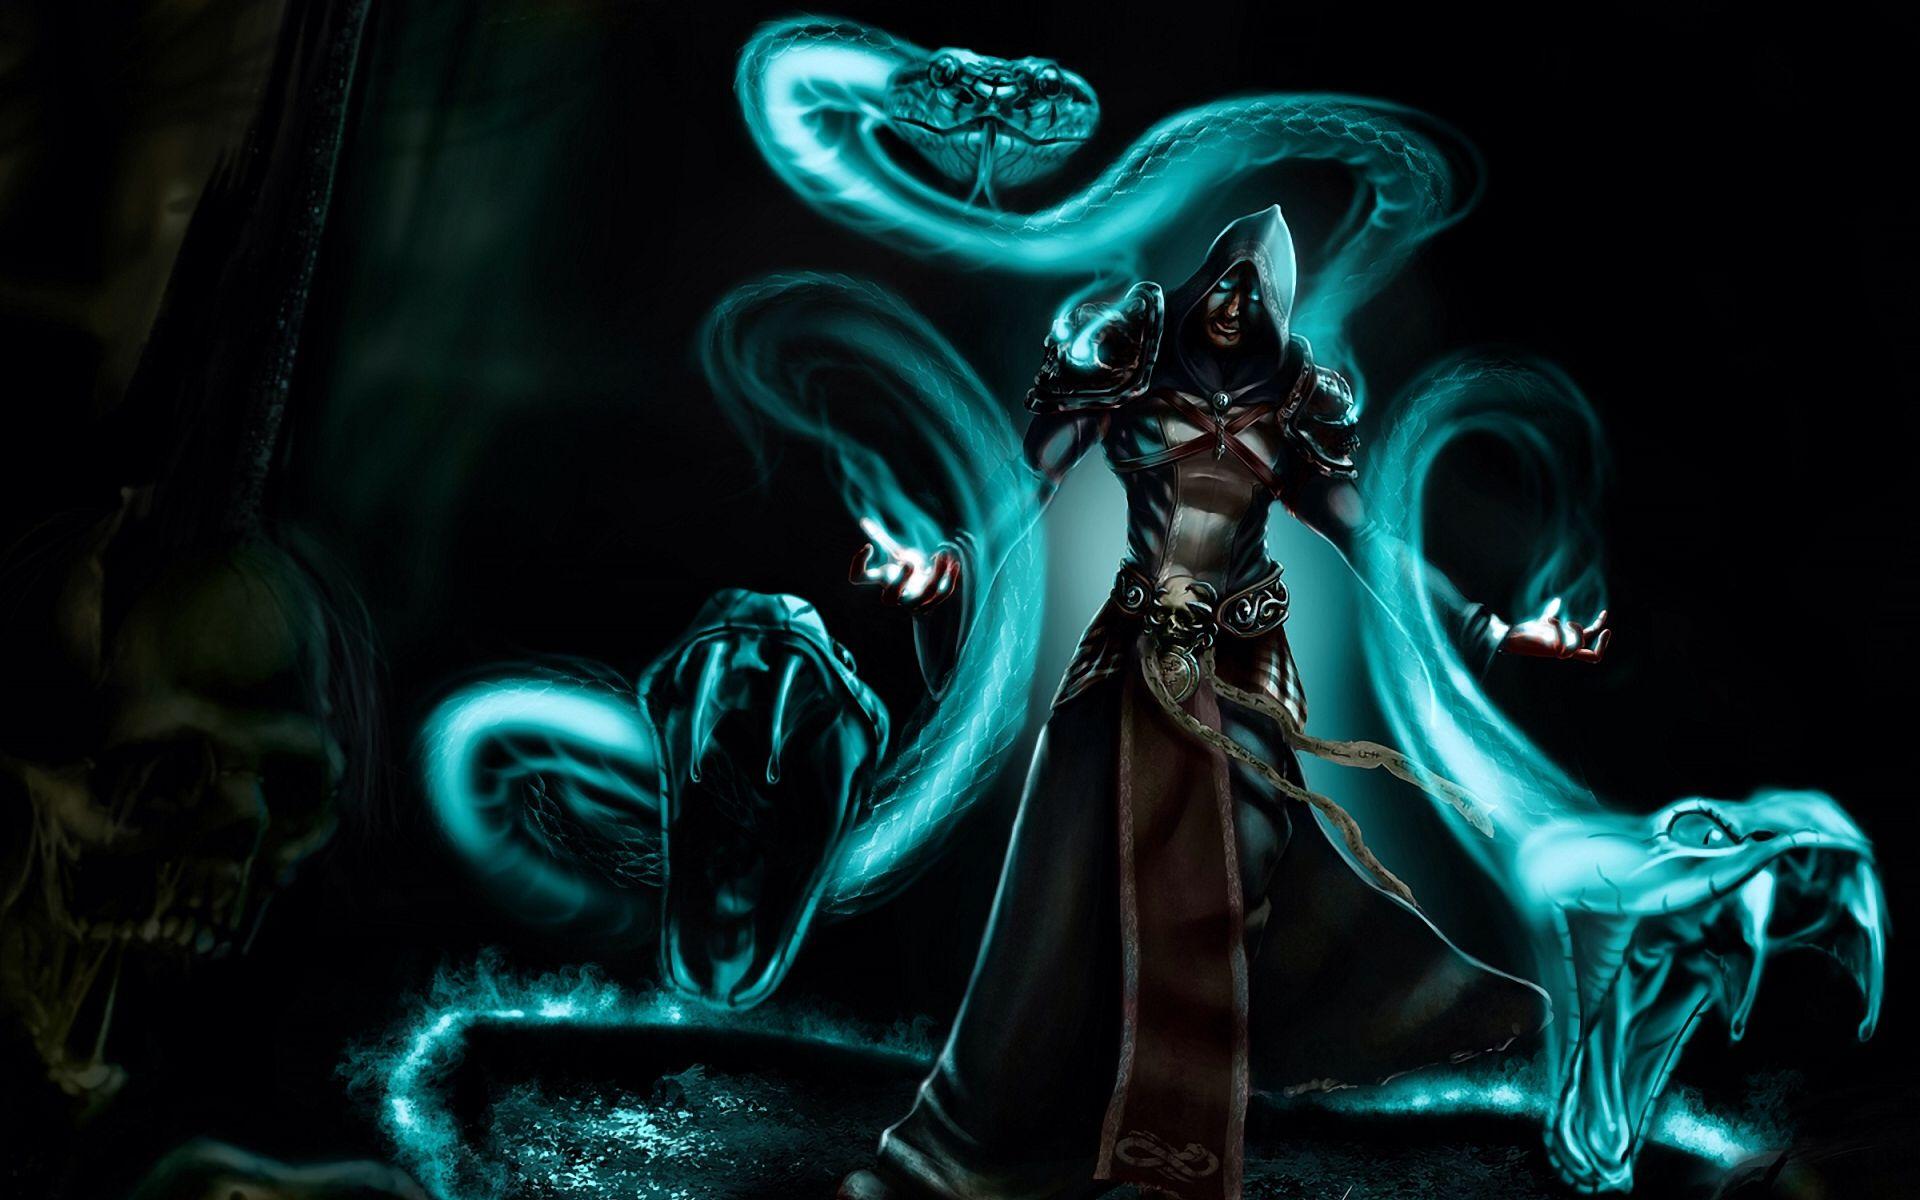 Fantasy magic wizard spell wallpaper | Fantasy | Pinterest | Wallpaper